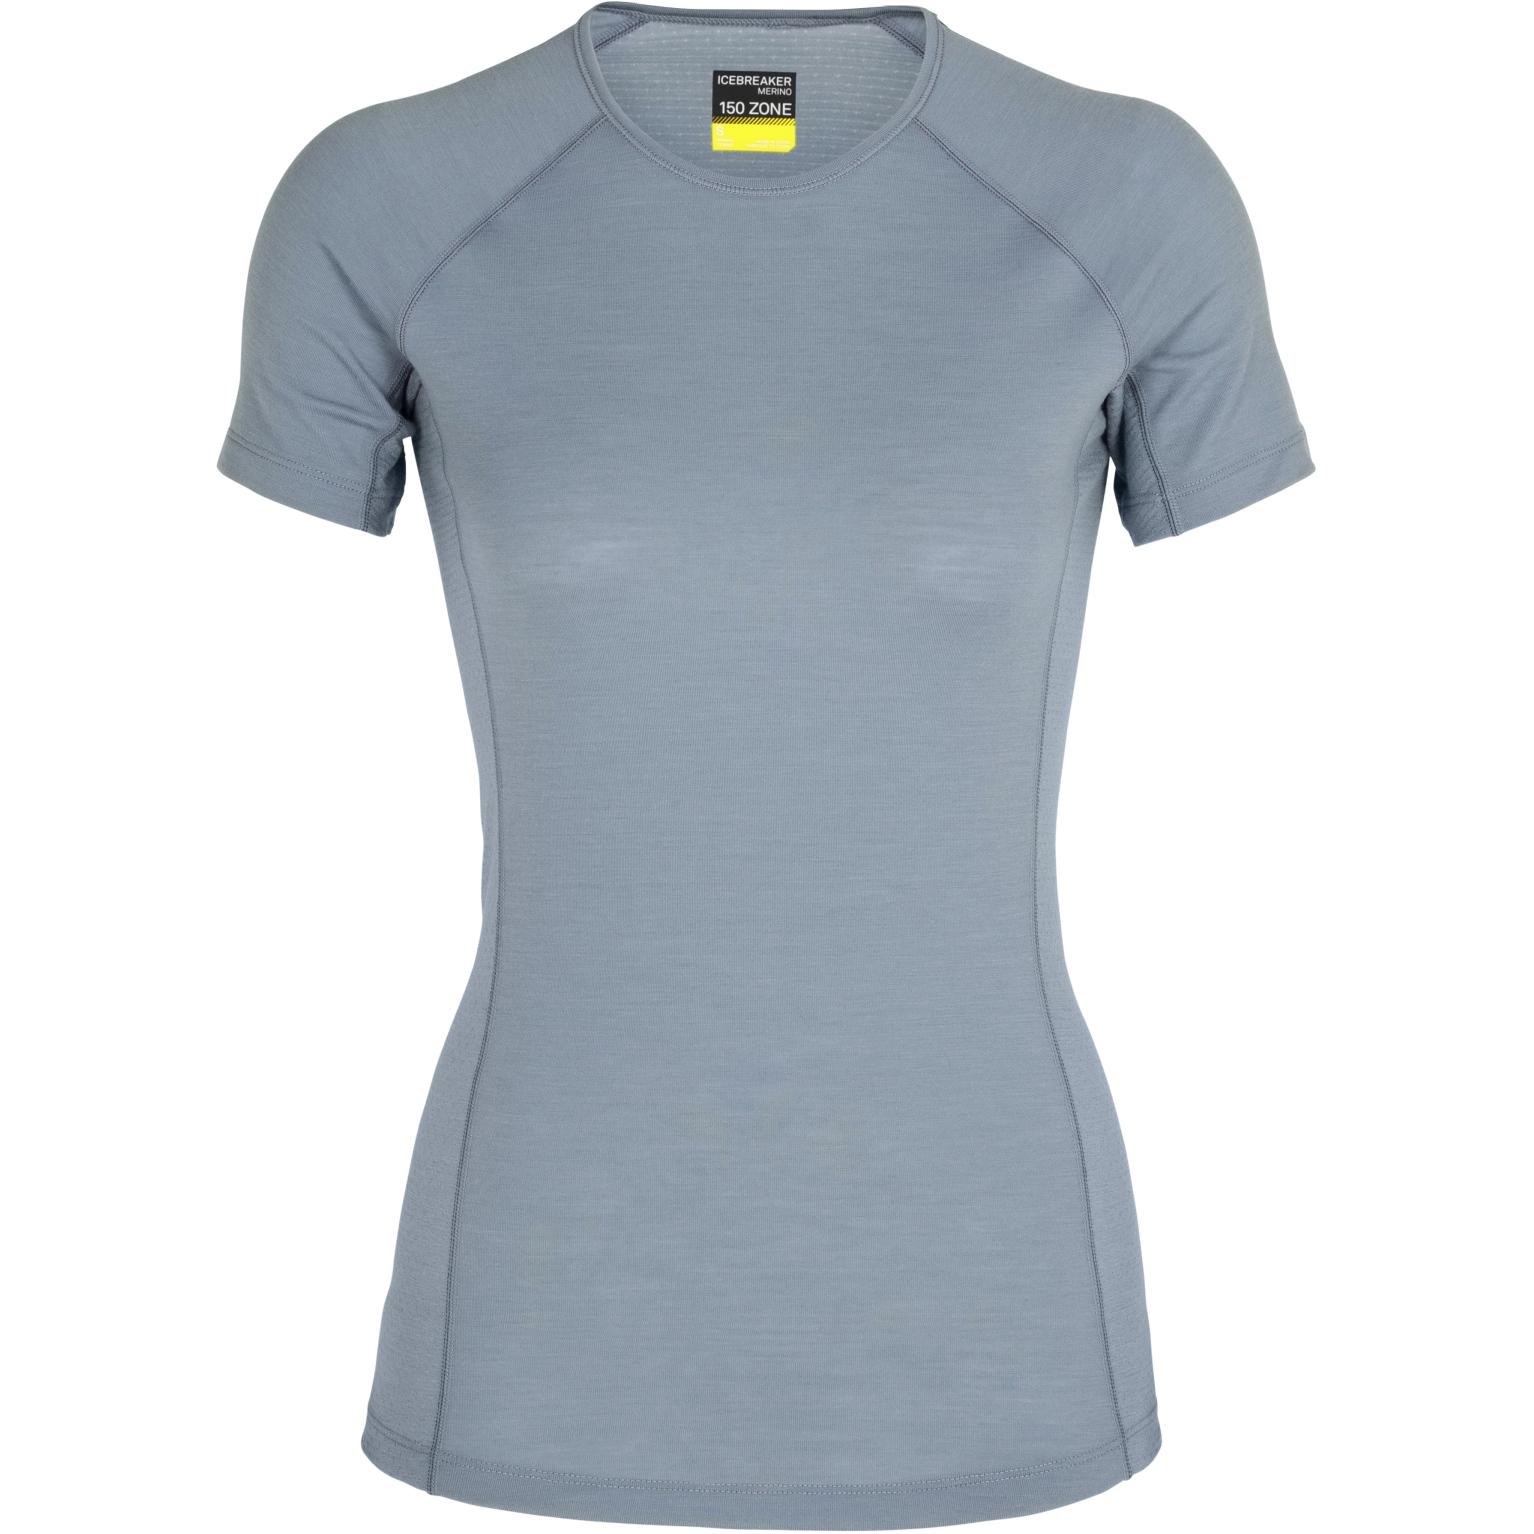 Produktbild von Icebreaker 150 Zone Crewe Damen T-Shirt - Gravel